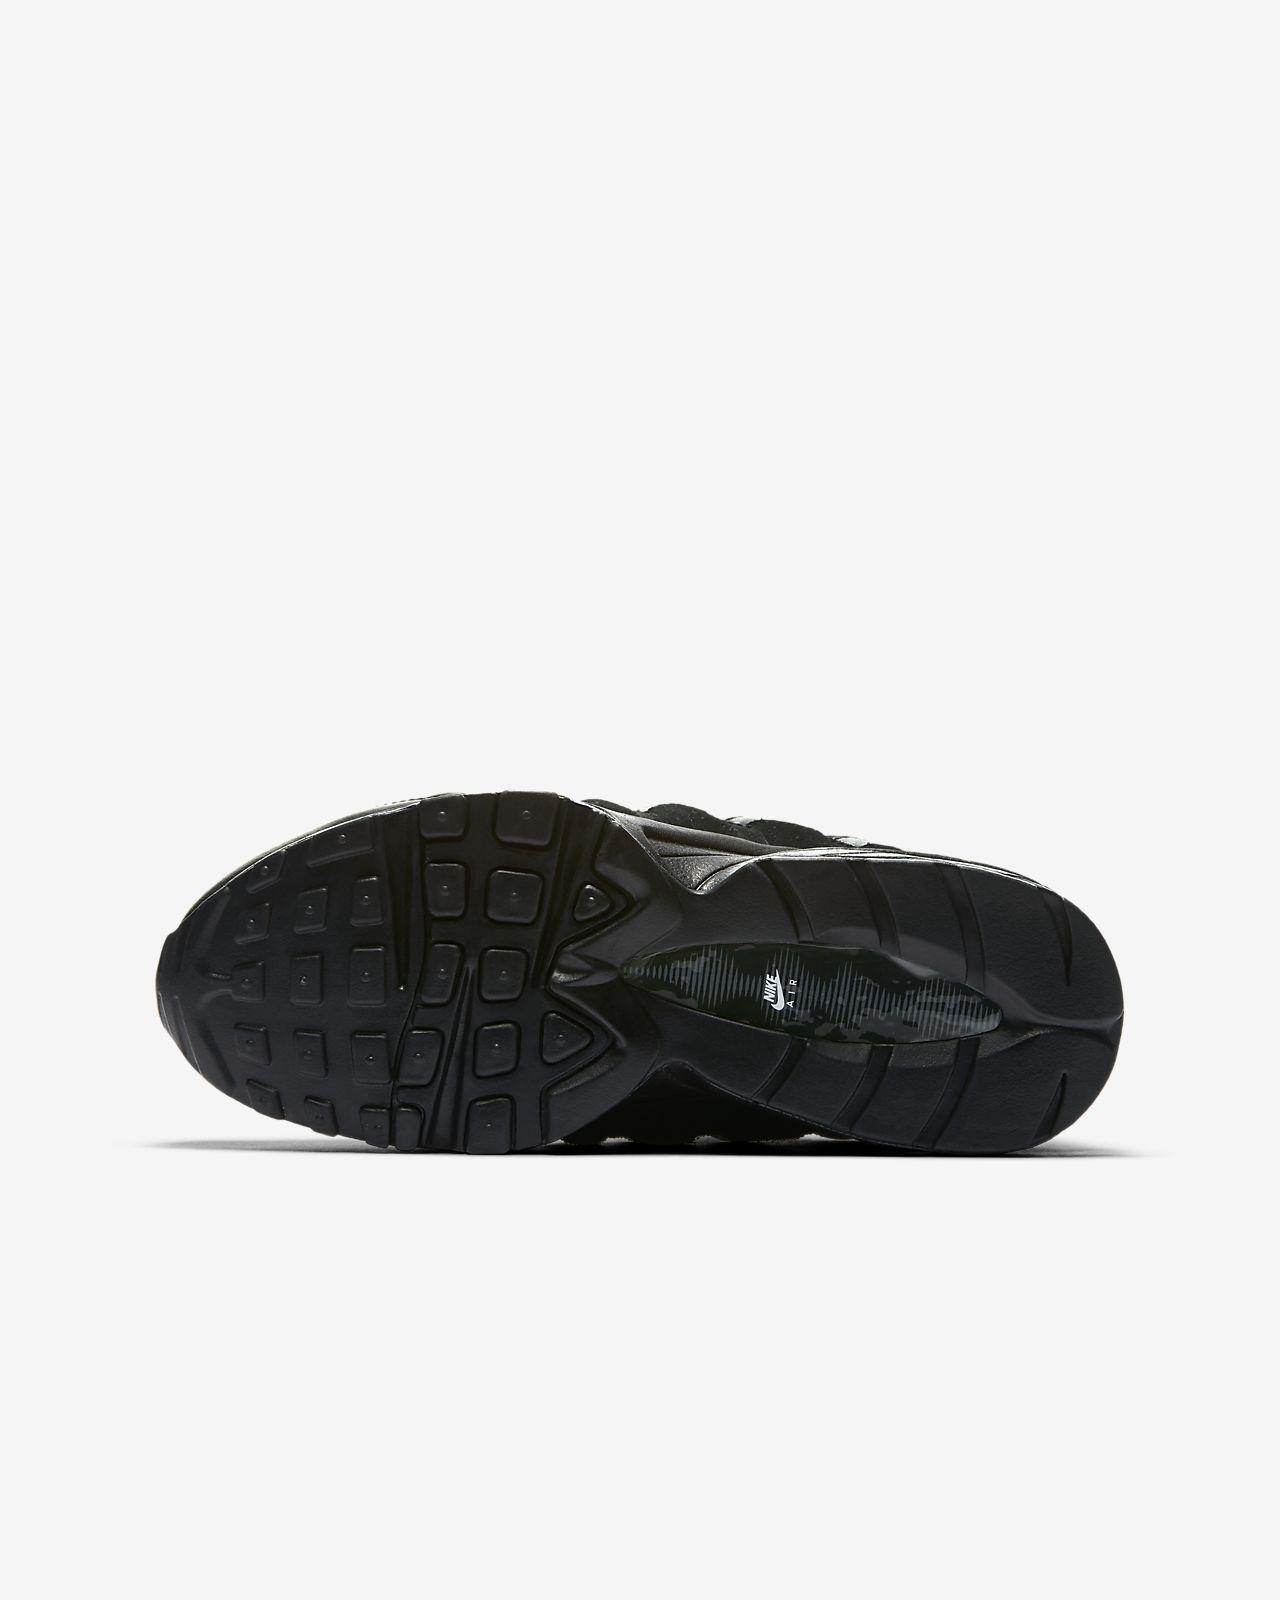 für Schuh Air ältere Max Nike 95 Kinder zqSUVpM